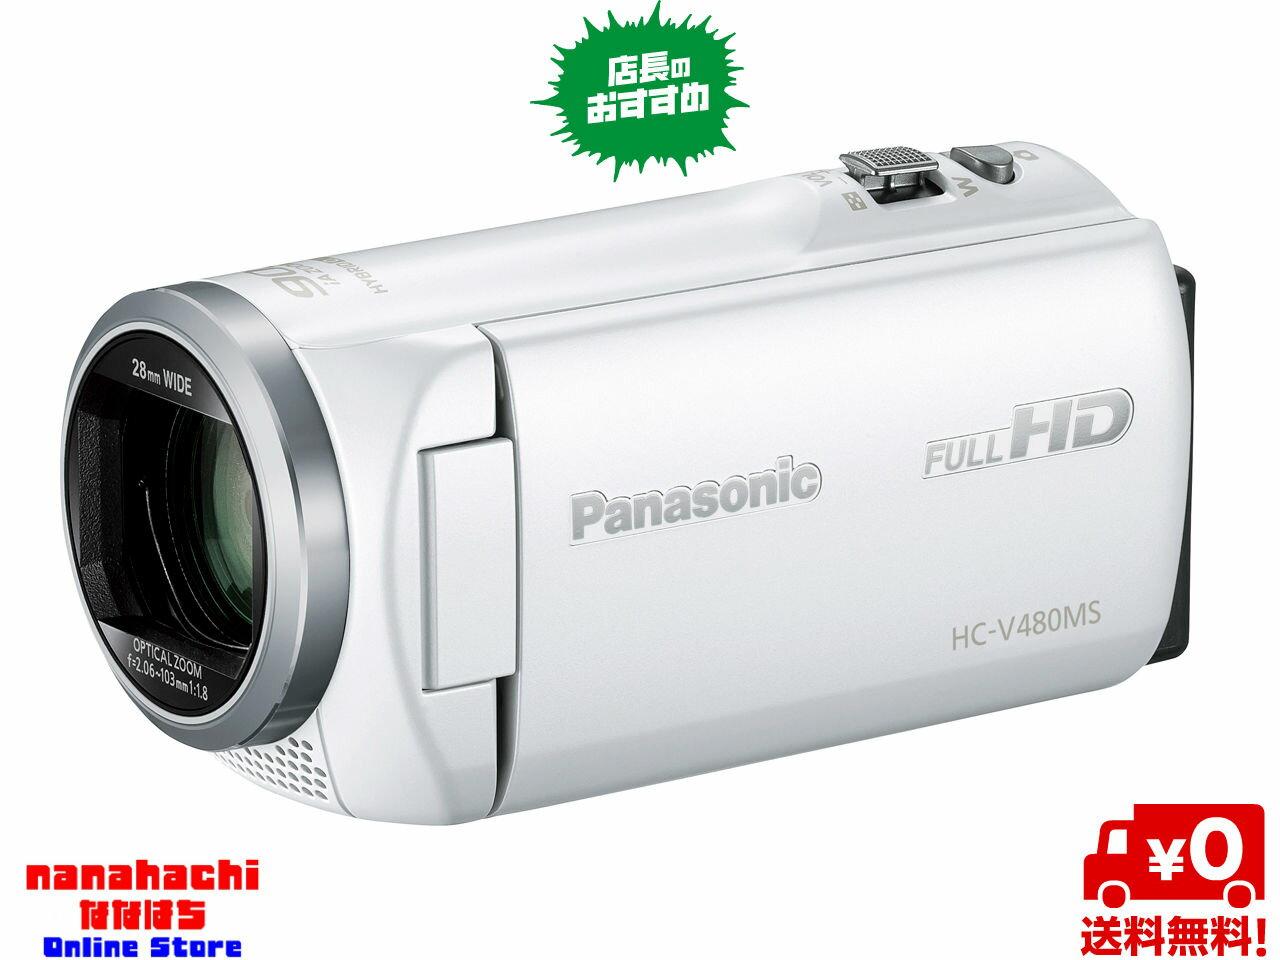 ビデオカメラ パナソニック Panasonic HC-V480MS-W [ホワイト] デジタルハイビジョンビデオカメラ V480MS(内蔵メモリー:32GB)とても遠くにいてもアップを写せる、高倍率なズームを搭載【送料無料・一部地域を除く】【あす楽対応】